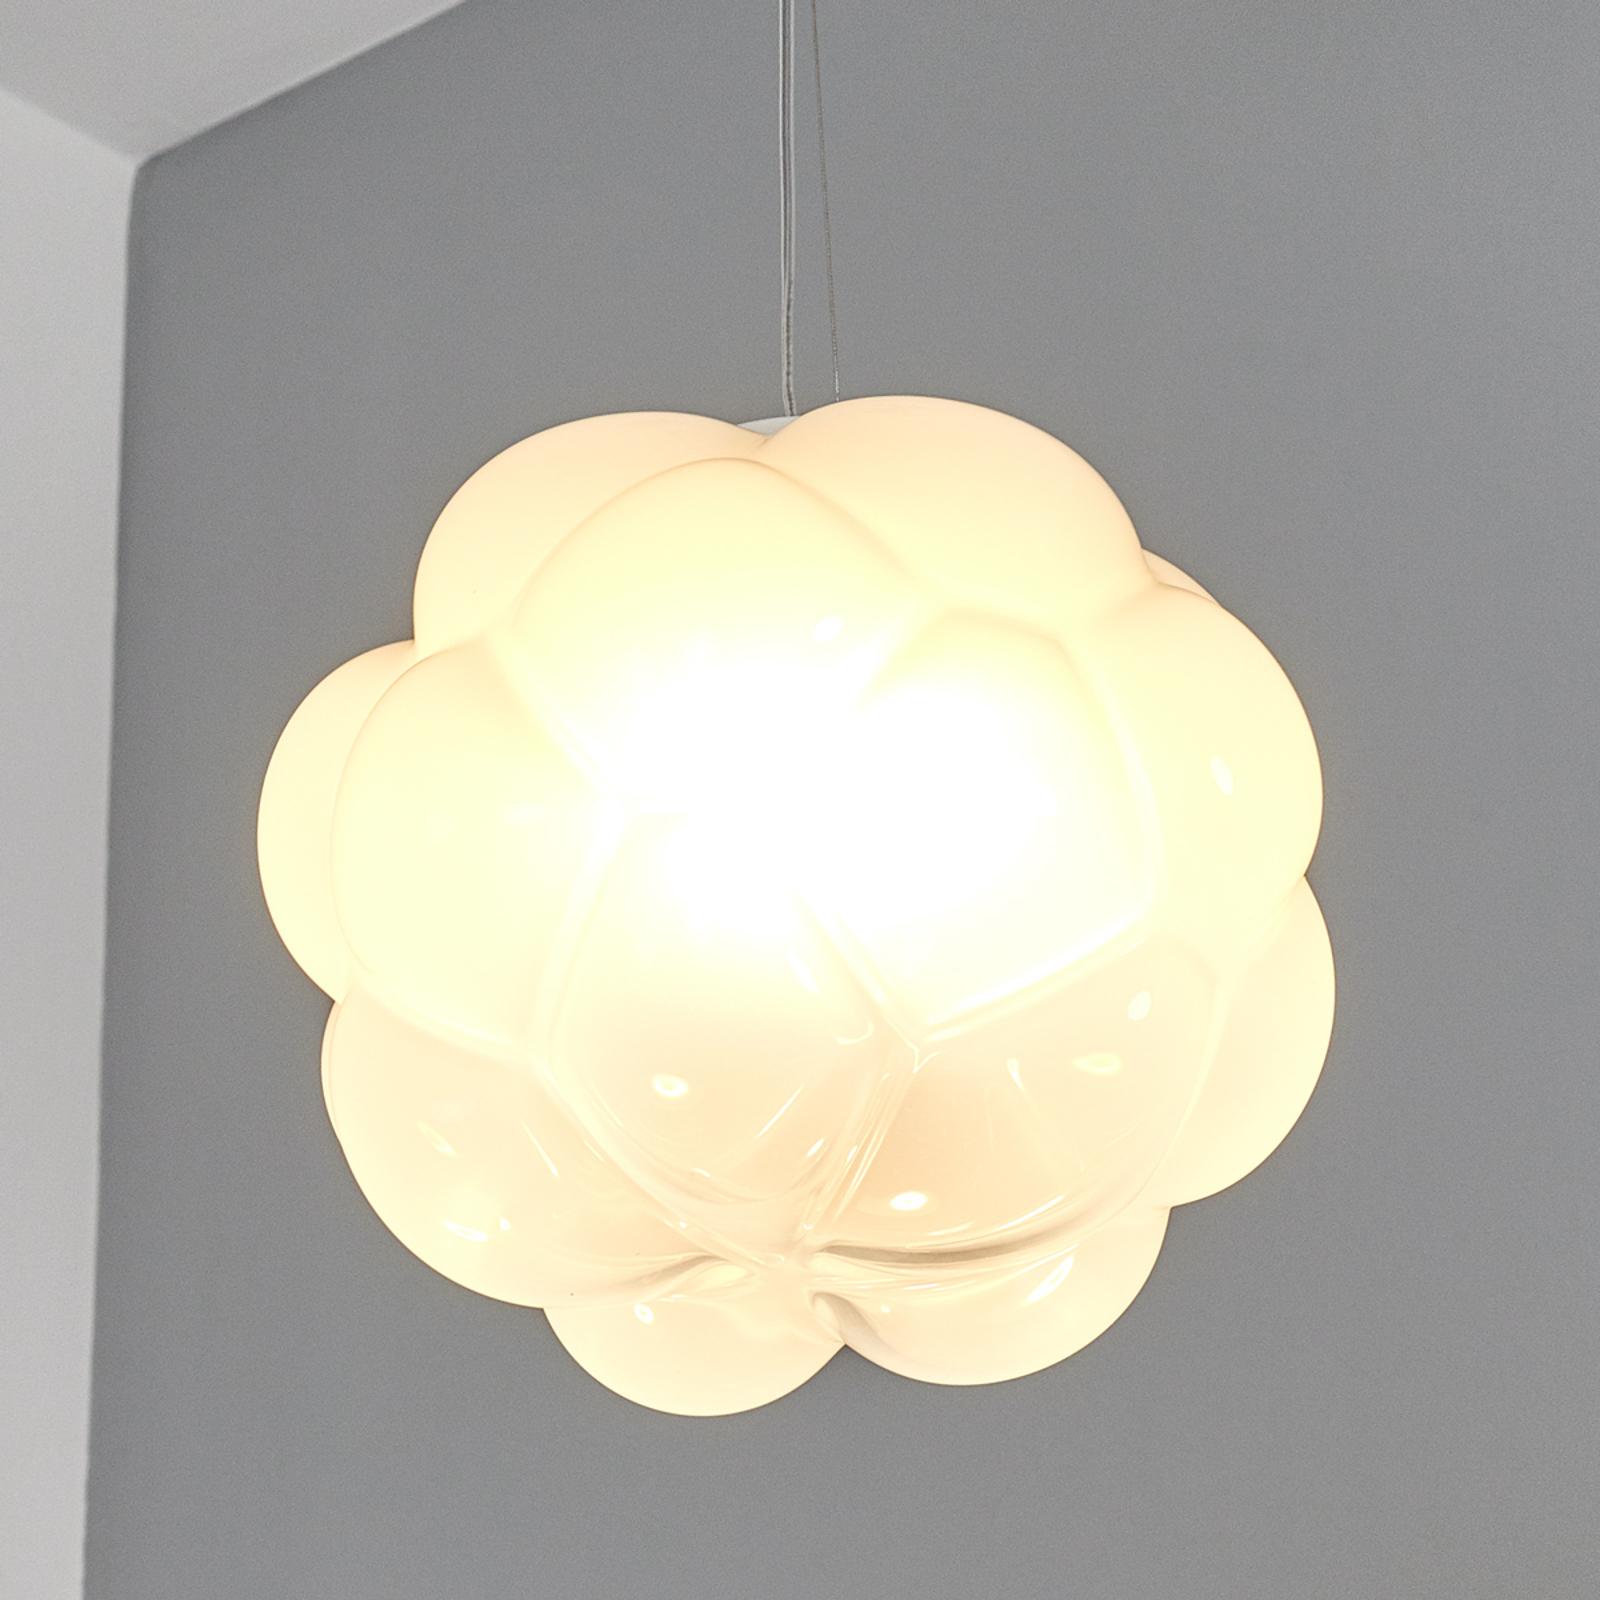 Fabbian Cloudy - závěsné světlo LED mráčkové 26 cm